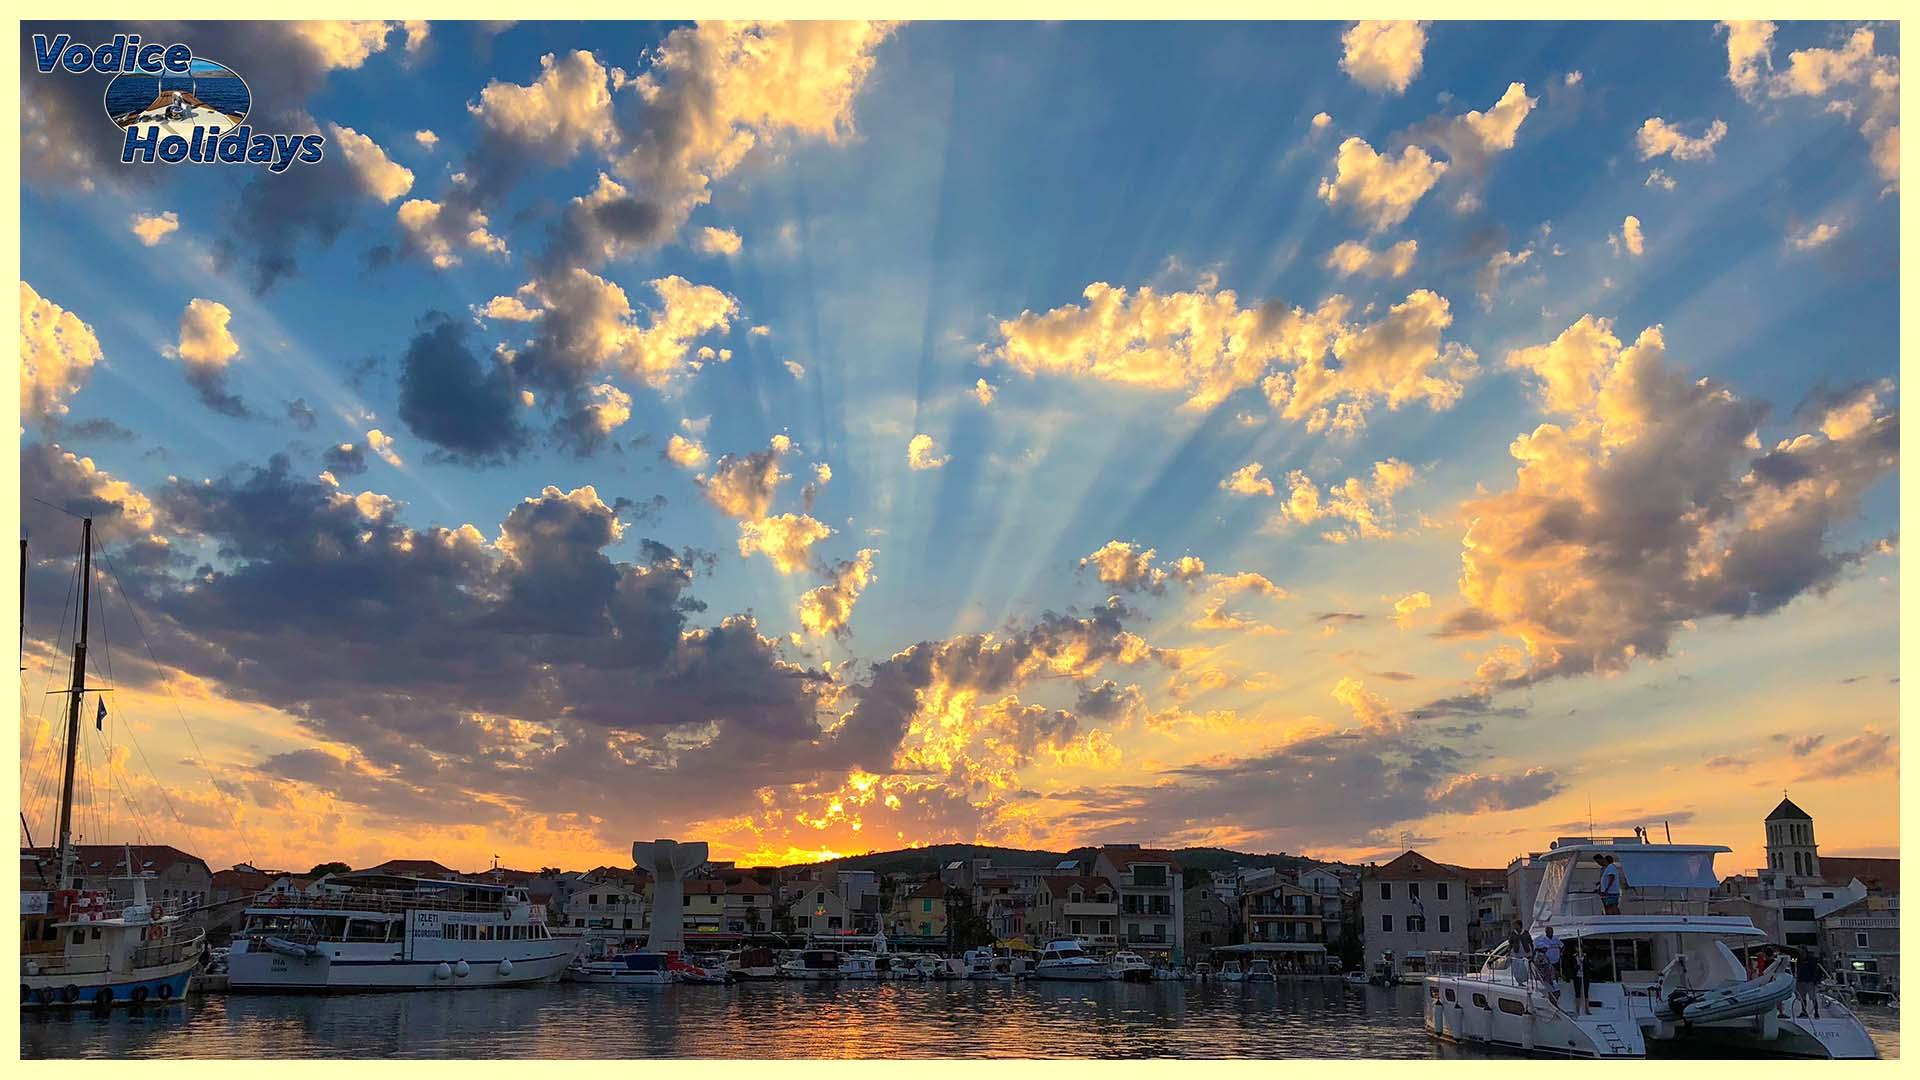 Vodice Stadthafen am frühen Abend